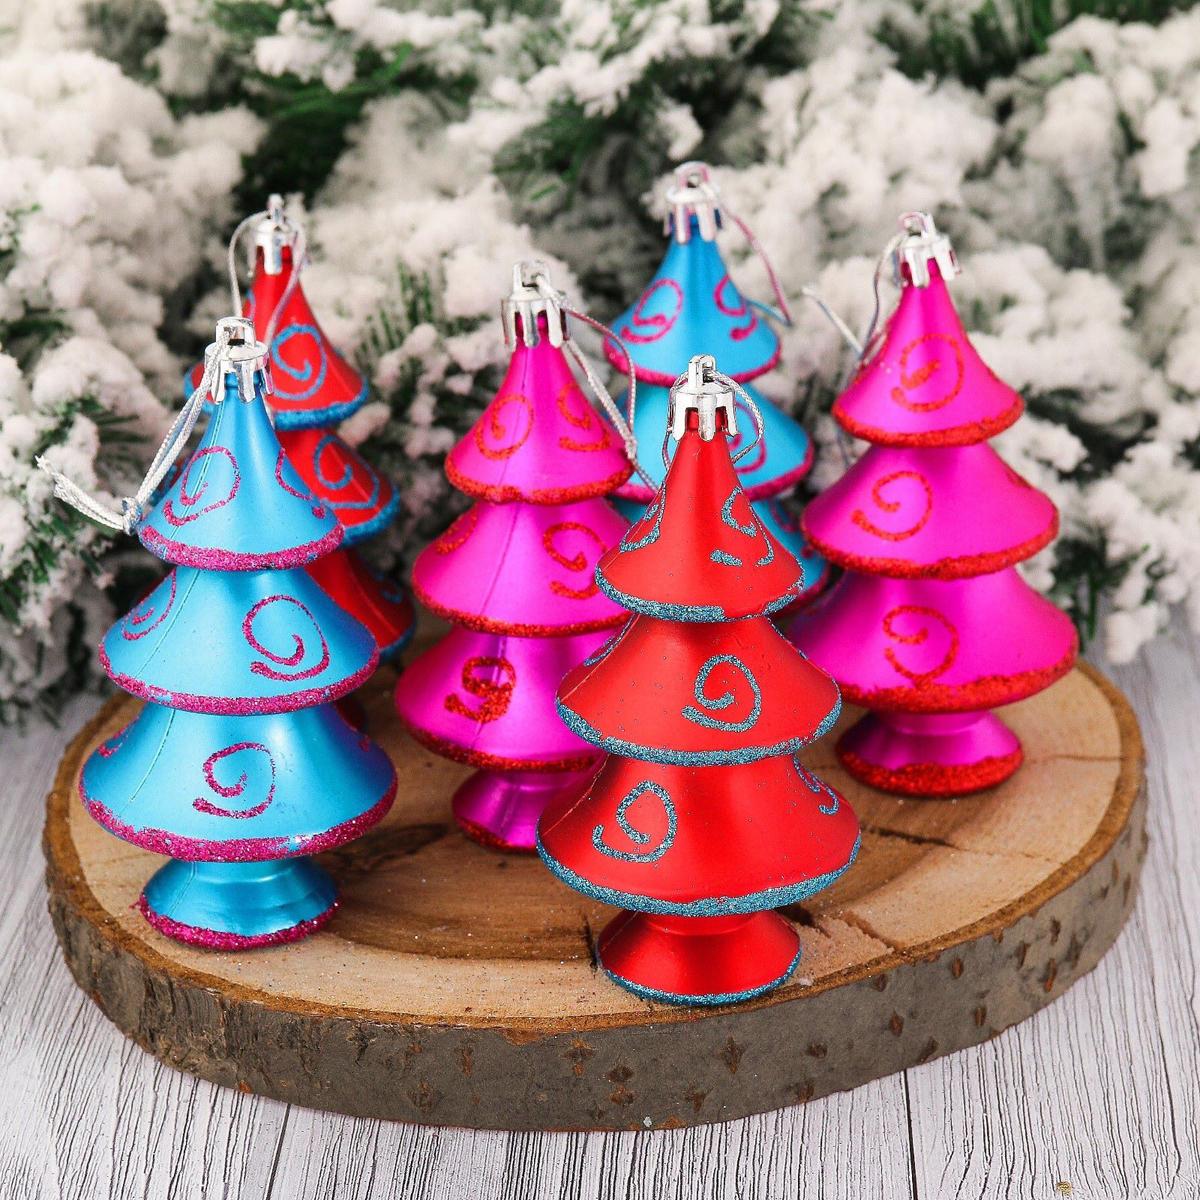 Набор новогодних подвесных украшений Елочки, завитки, 9 х 5 см, 6 шт2123103Набор новогодних подвесных украшений отлично подойдет для декорации вашего дома и новогодней ели. С помощью специальной петельки украшение можно повесить в любом понравившемся вам месте. Но, конечно, удачнее всего оно будет смотреться на праздничной елке.Елочная игрушка - символ Нового года. Она несет в себе волшебство и красоту праздника. Такое украшение создаст в вашем доме атмосферу праздника, веселья и радости.